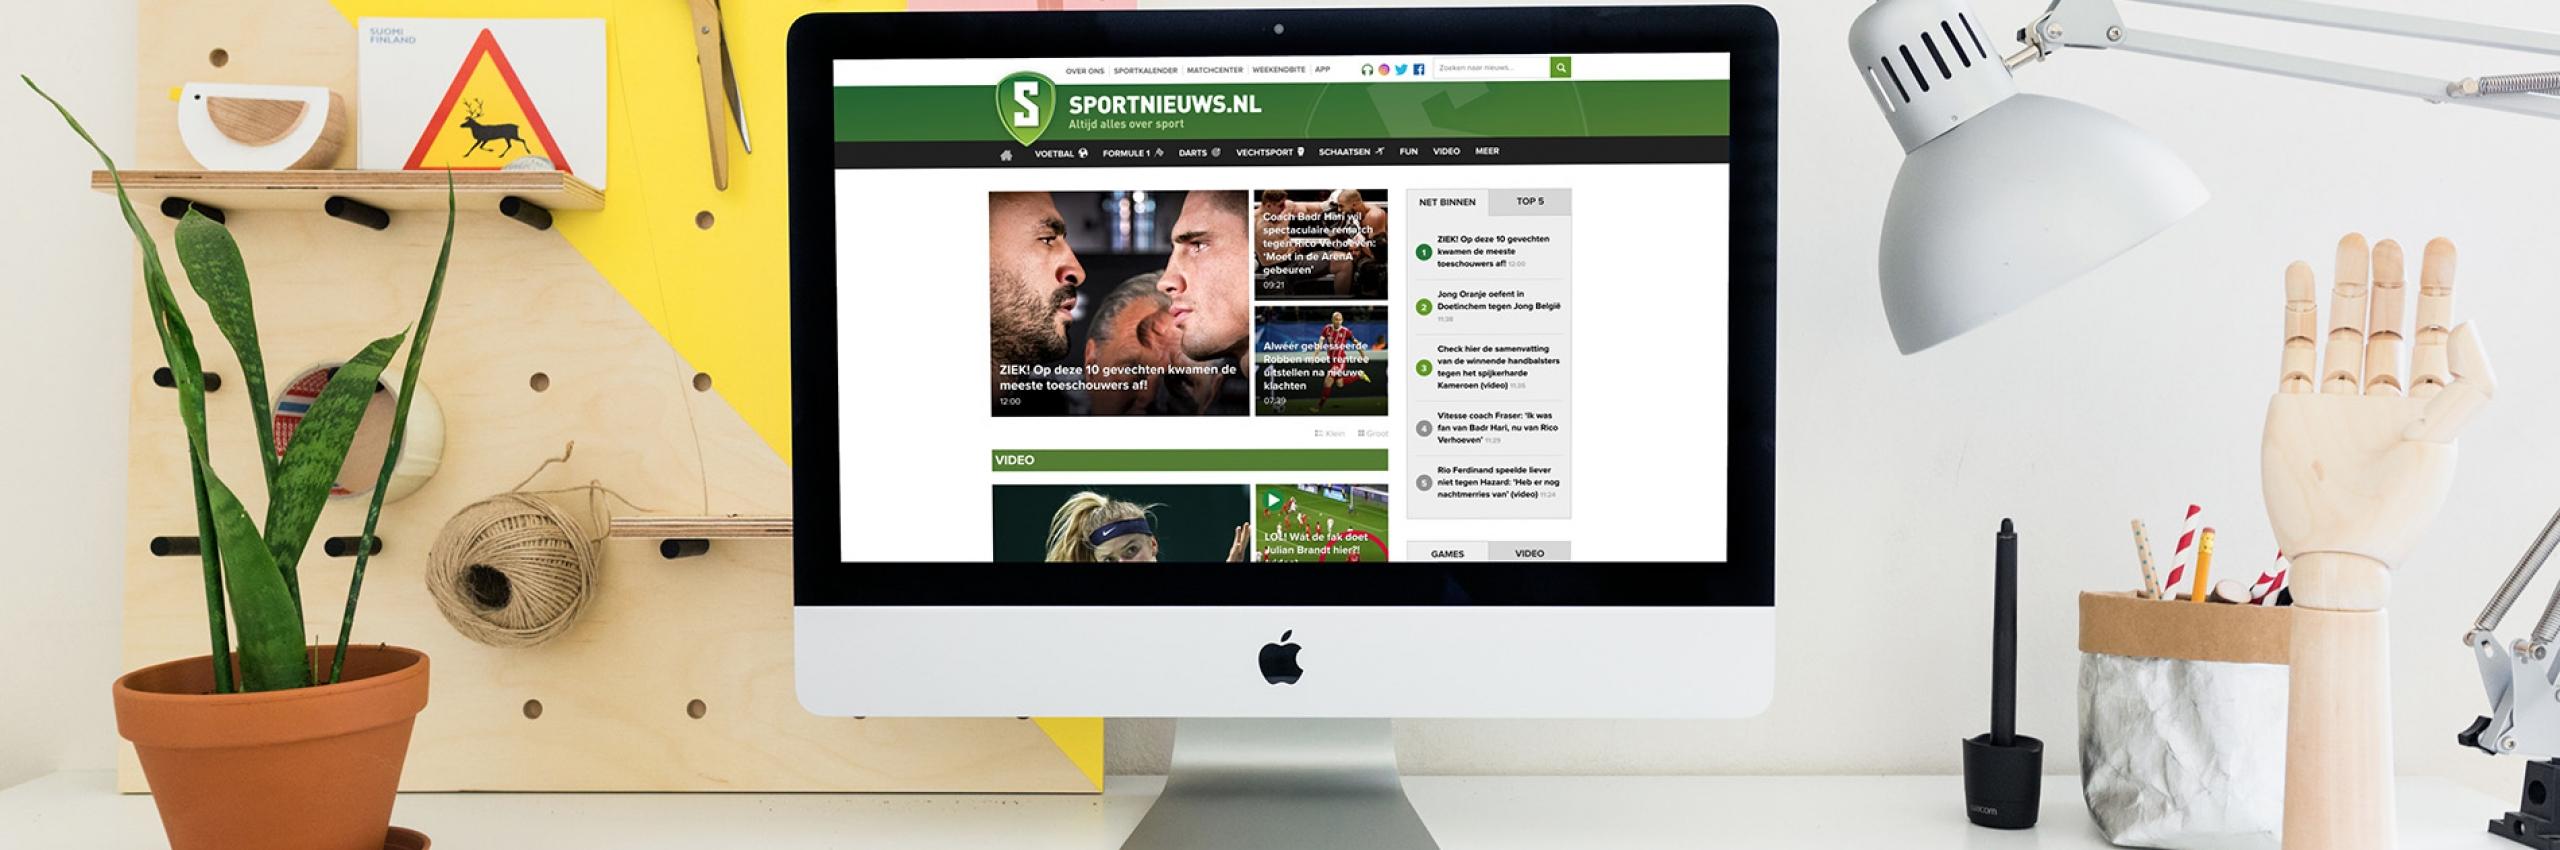 Banner for Een hogere conversie met een mobile-first website voor Sportnieuws